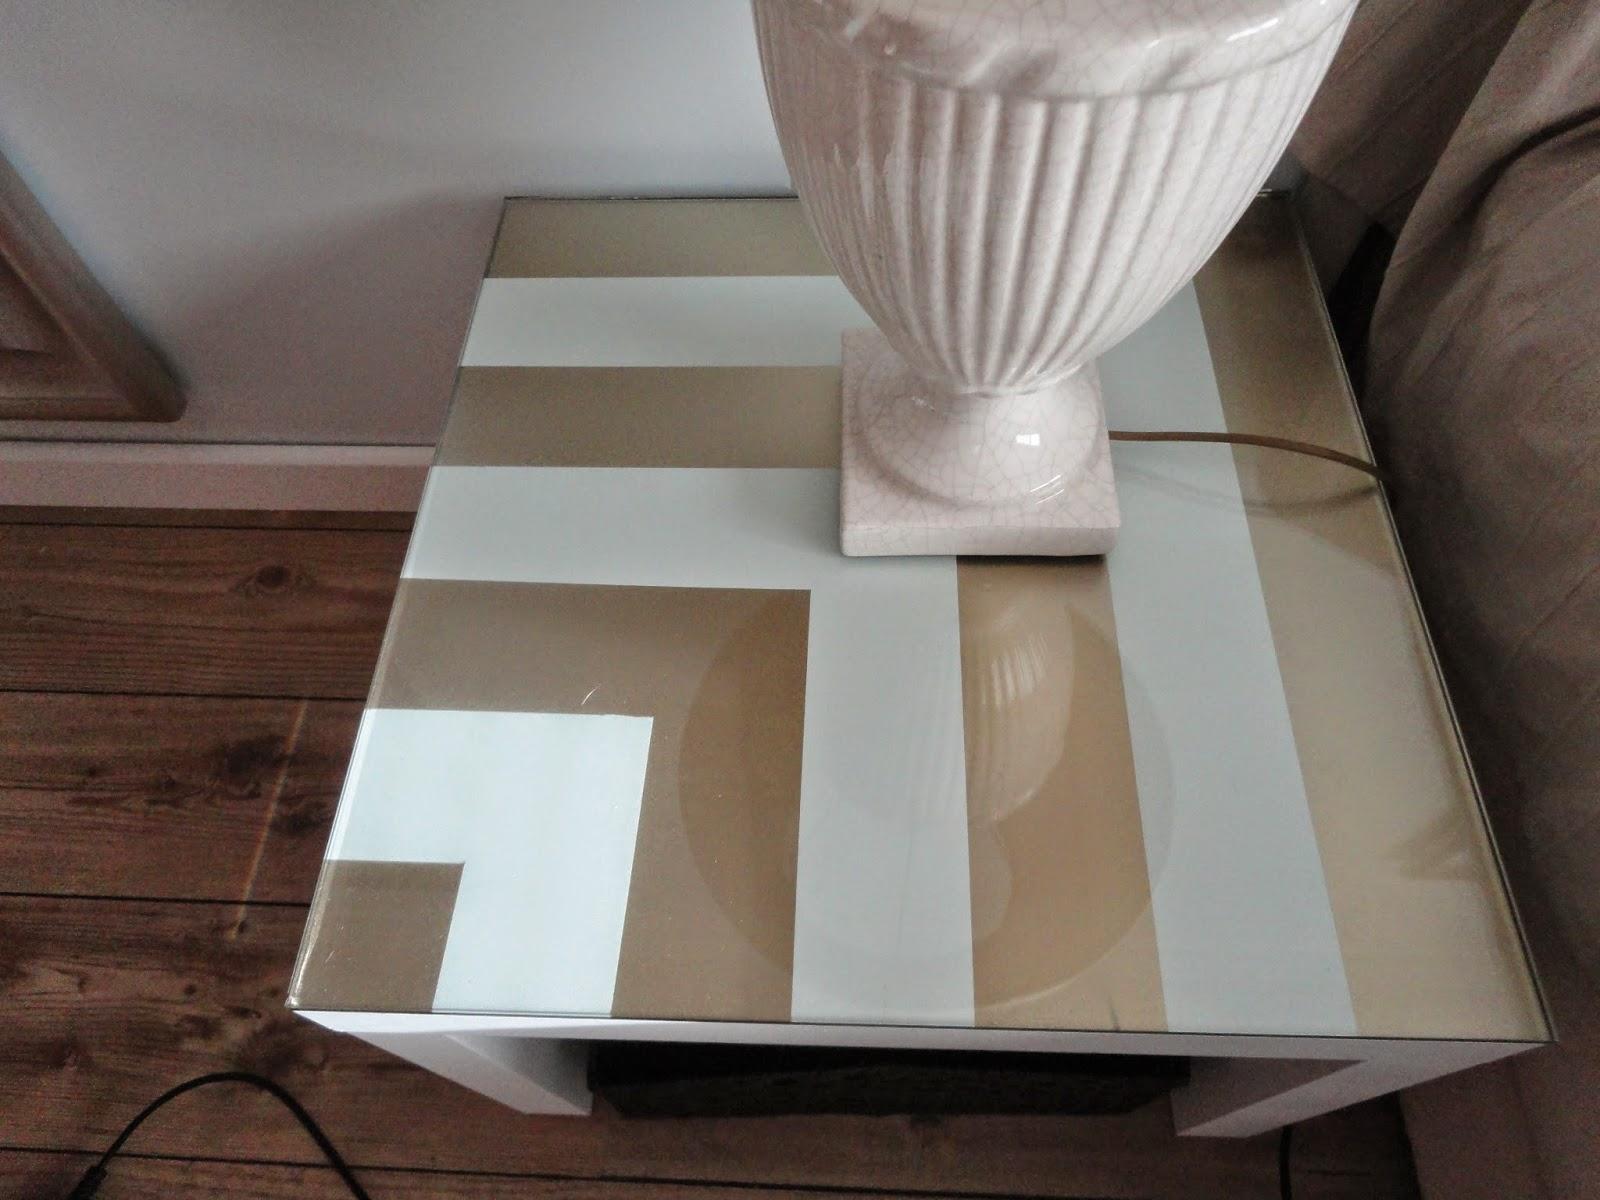 Pintar uma mesa de apoio